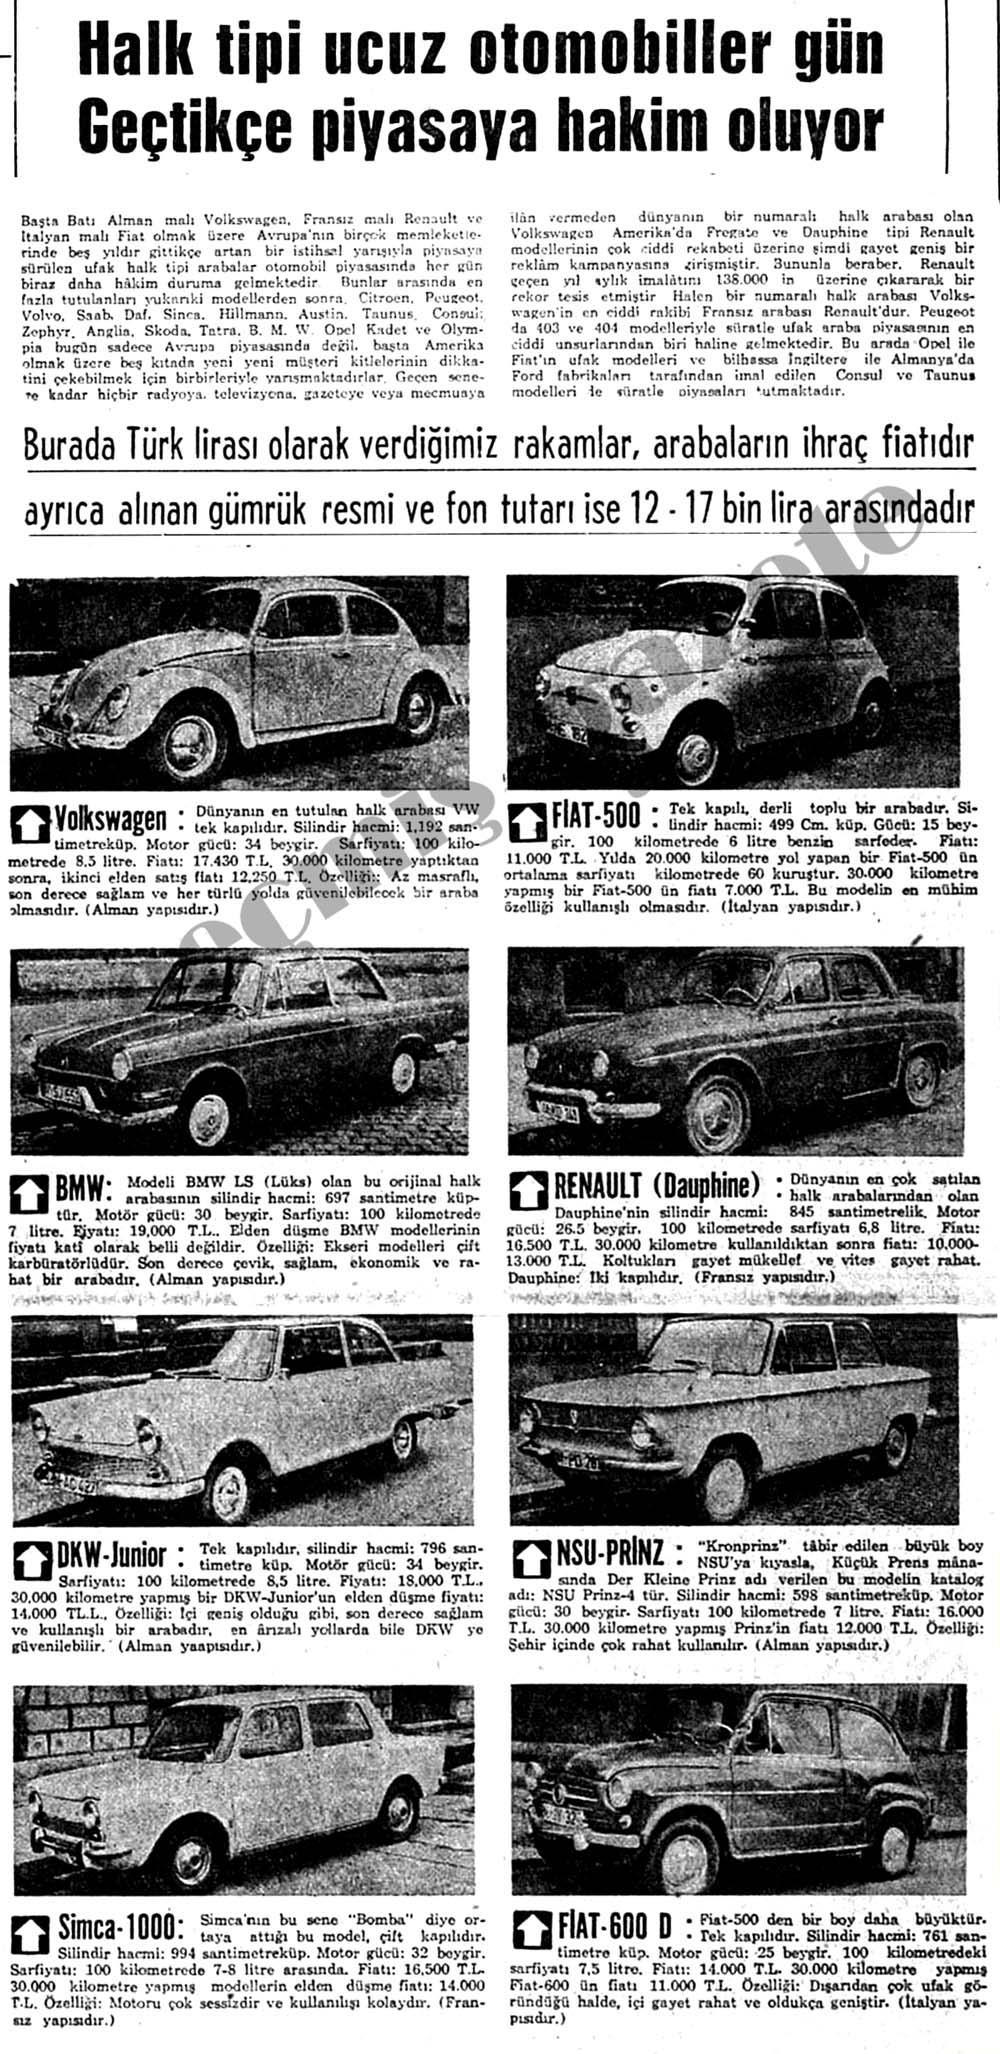 Halk tipi ucuz otomobiller gün geçtikçe piyasaya hakim oluyor